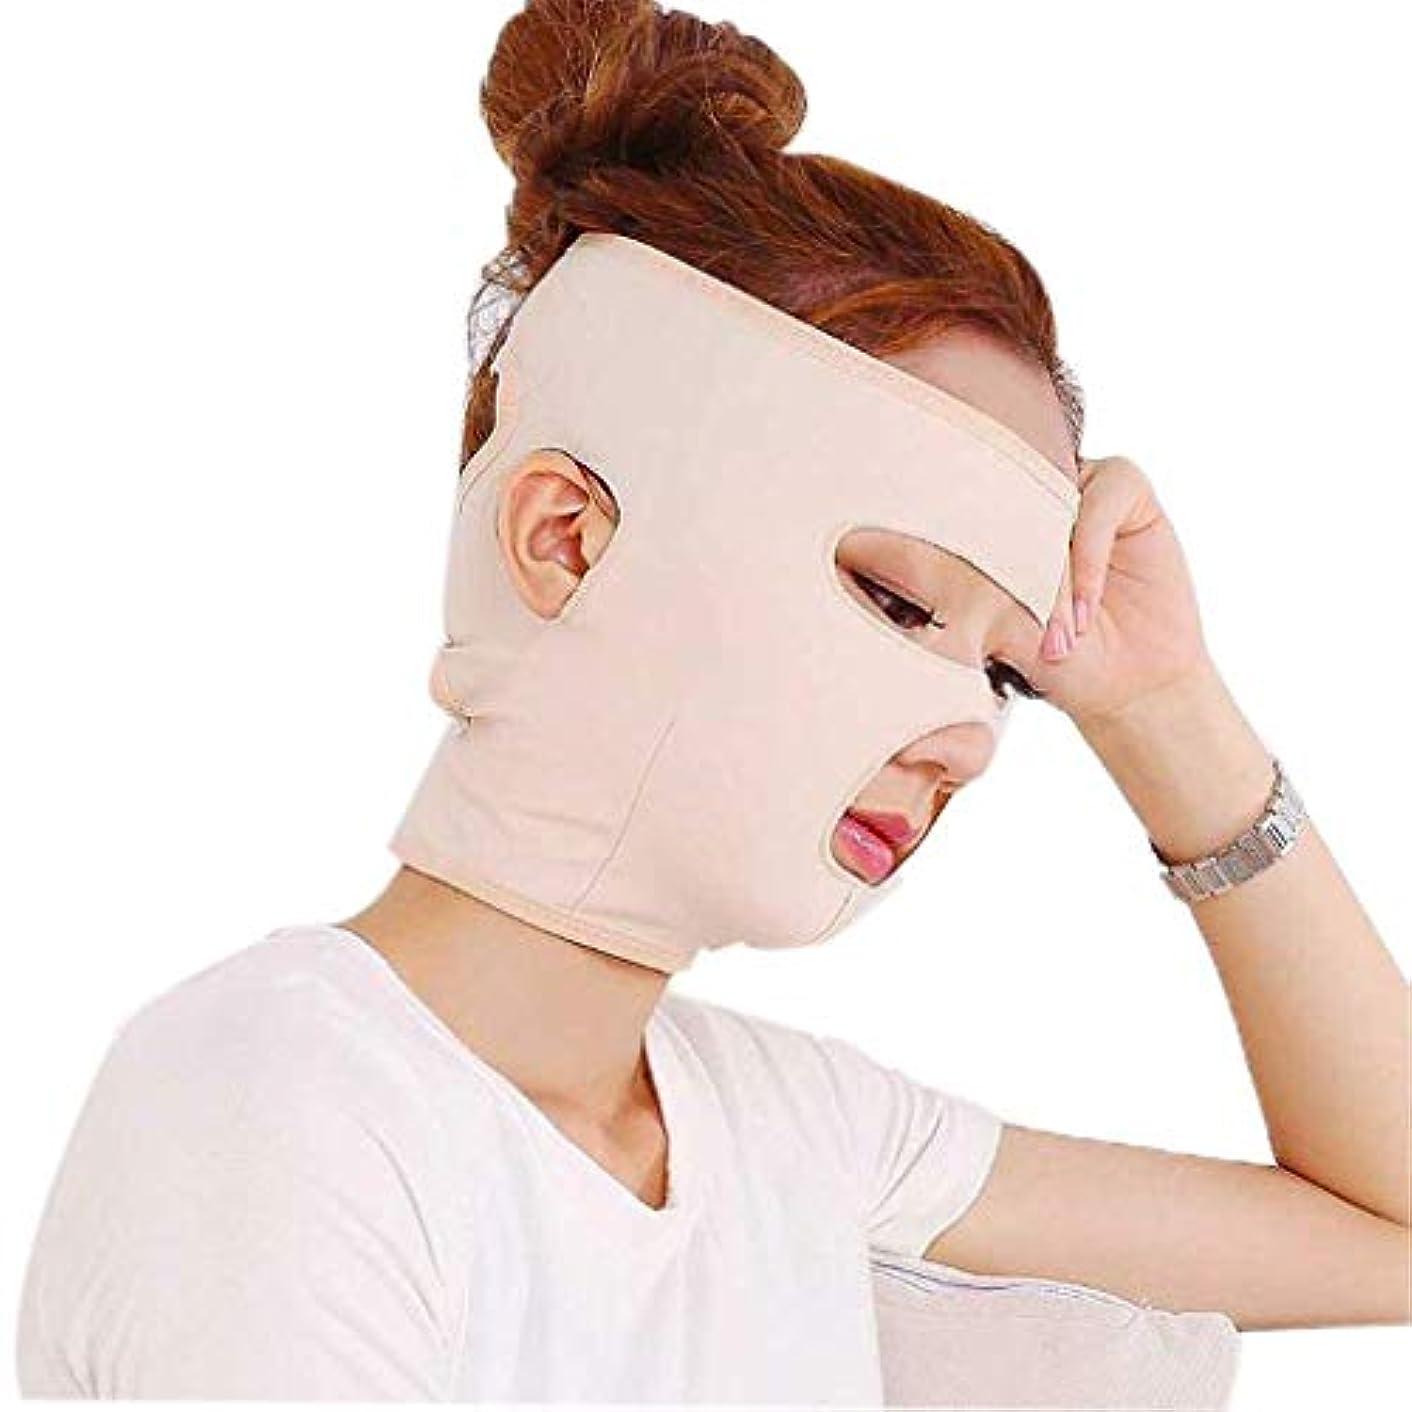 ナチュラルスカーフ本質的ではないフェイスリフティングマスク、フルフェイス通気性の術後回復包帯リフティング引き締め肌の減少は、小さなVフェイスマスクを作成します(サイズ:M)